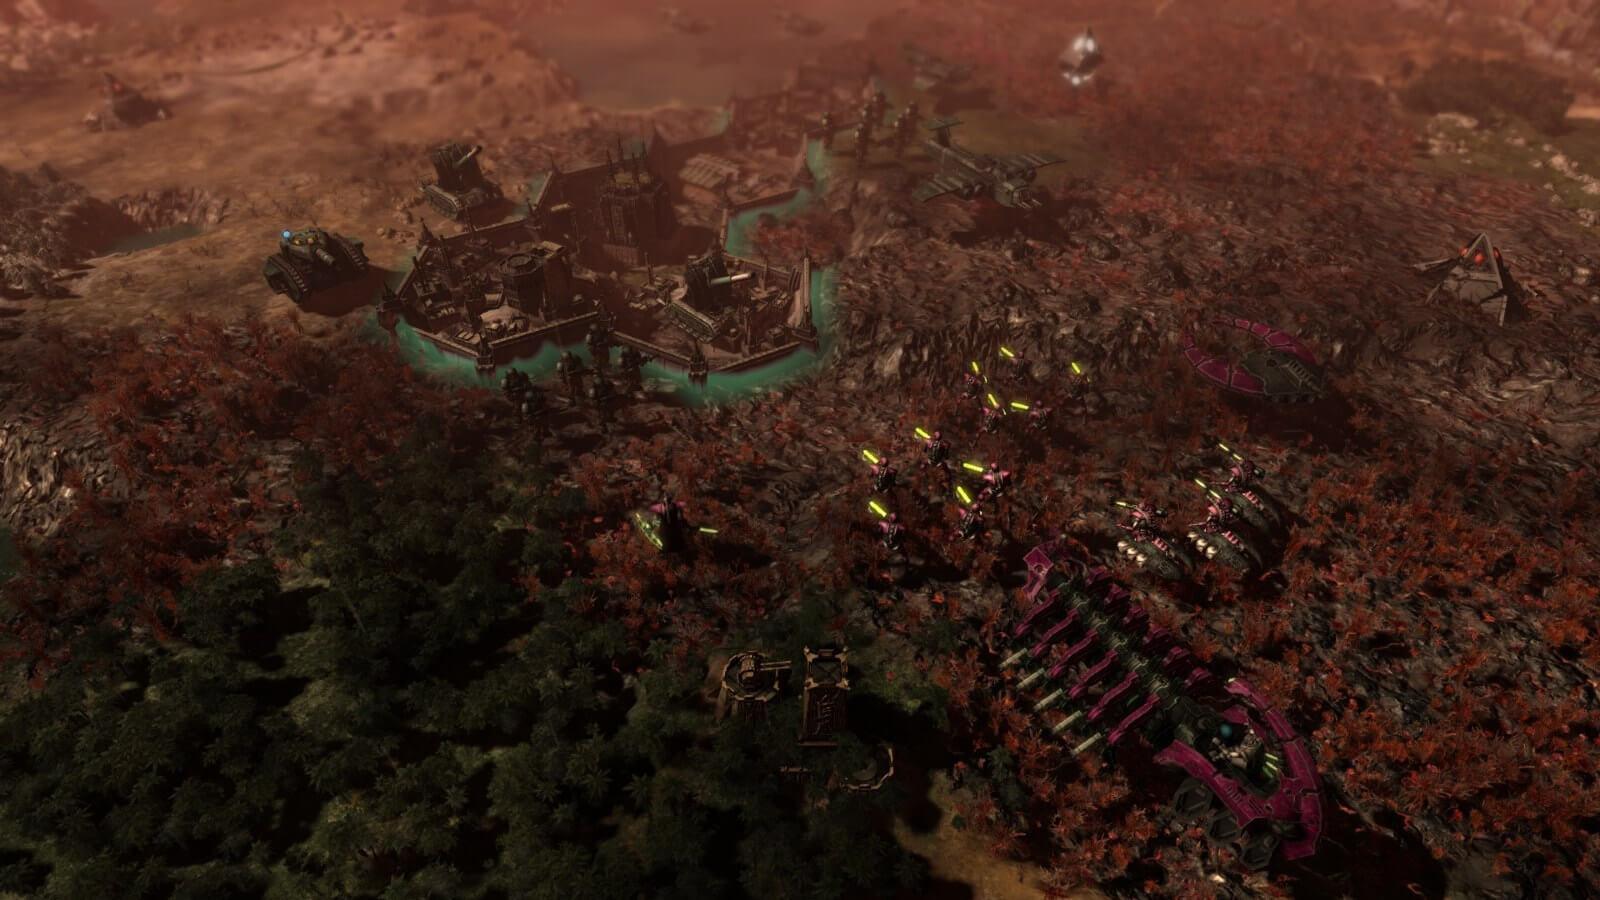 Warhammer 40,000: Gladius - Relics of War обещает быть мрачной 4X стратегией